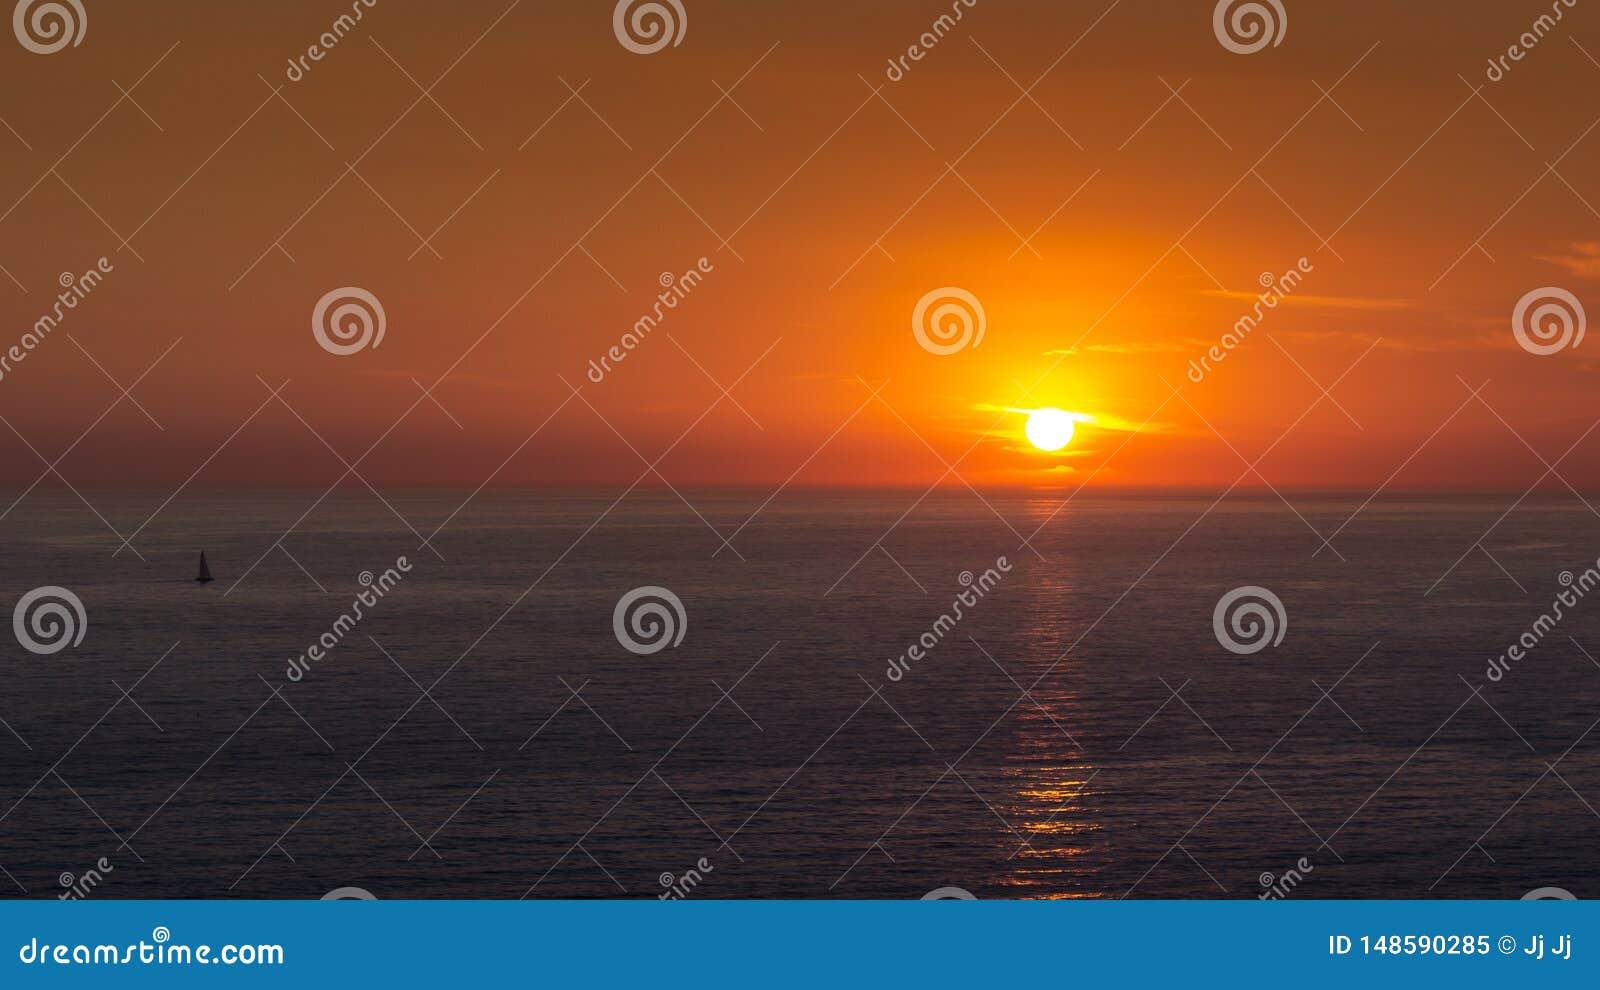 Απλό και όμορφο ηλιοβασίλεμα